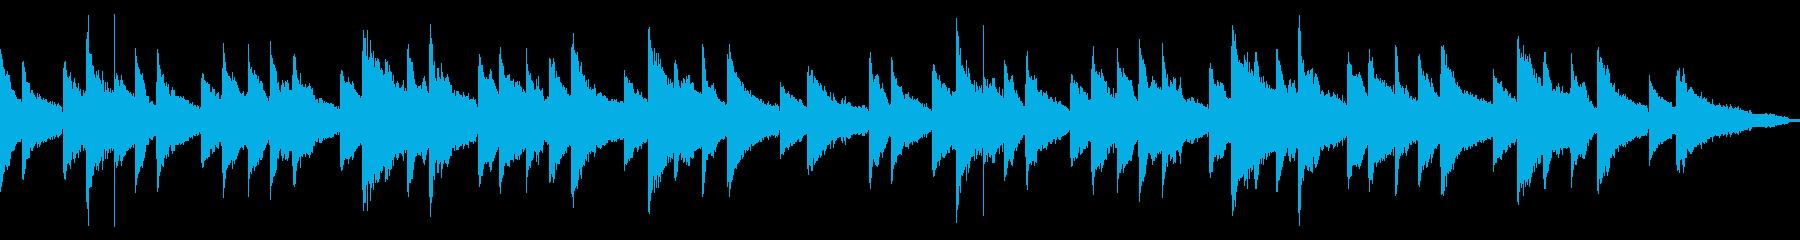 アンニュイなピアノインスト ループ可の再生済みの波形